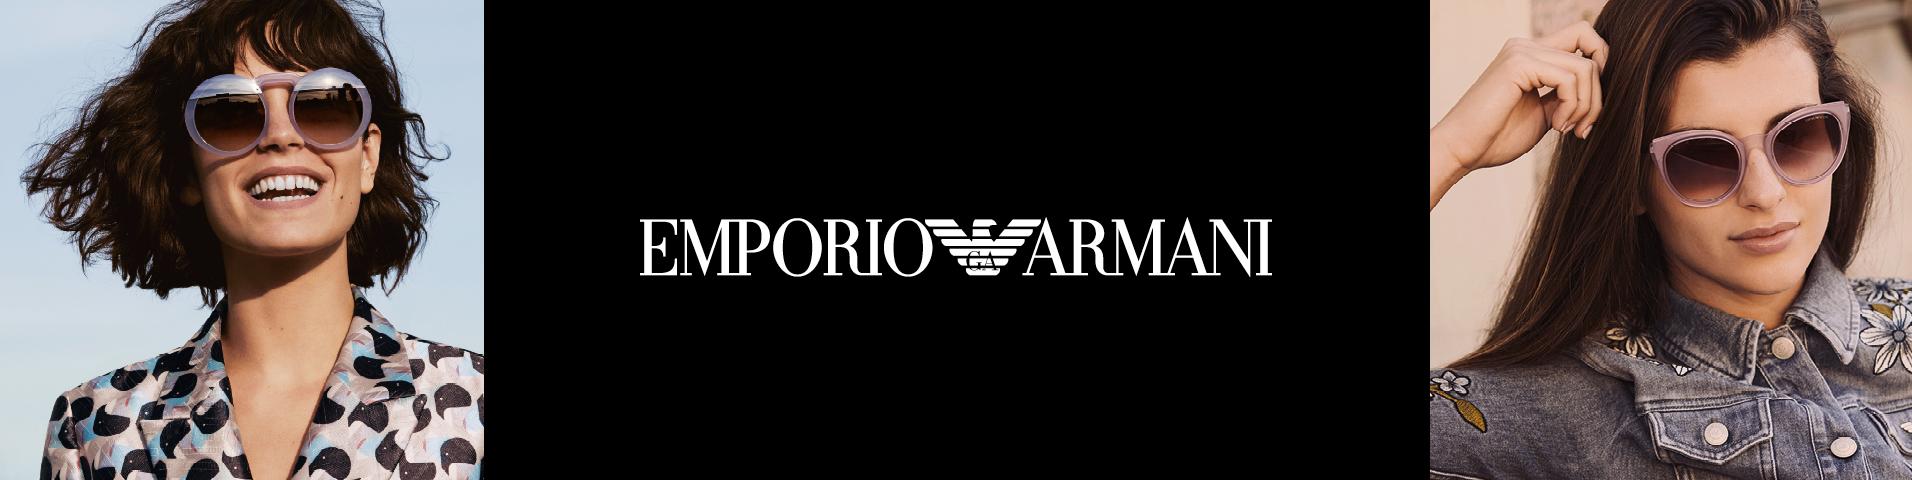 Lunettes de soleil femme Emporio Armani en ligne  Zalando cd651833b090